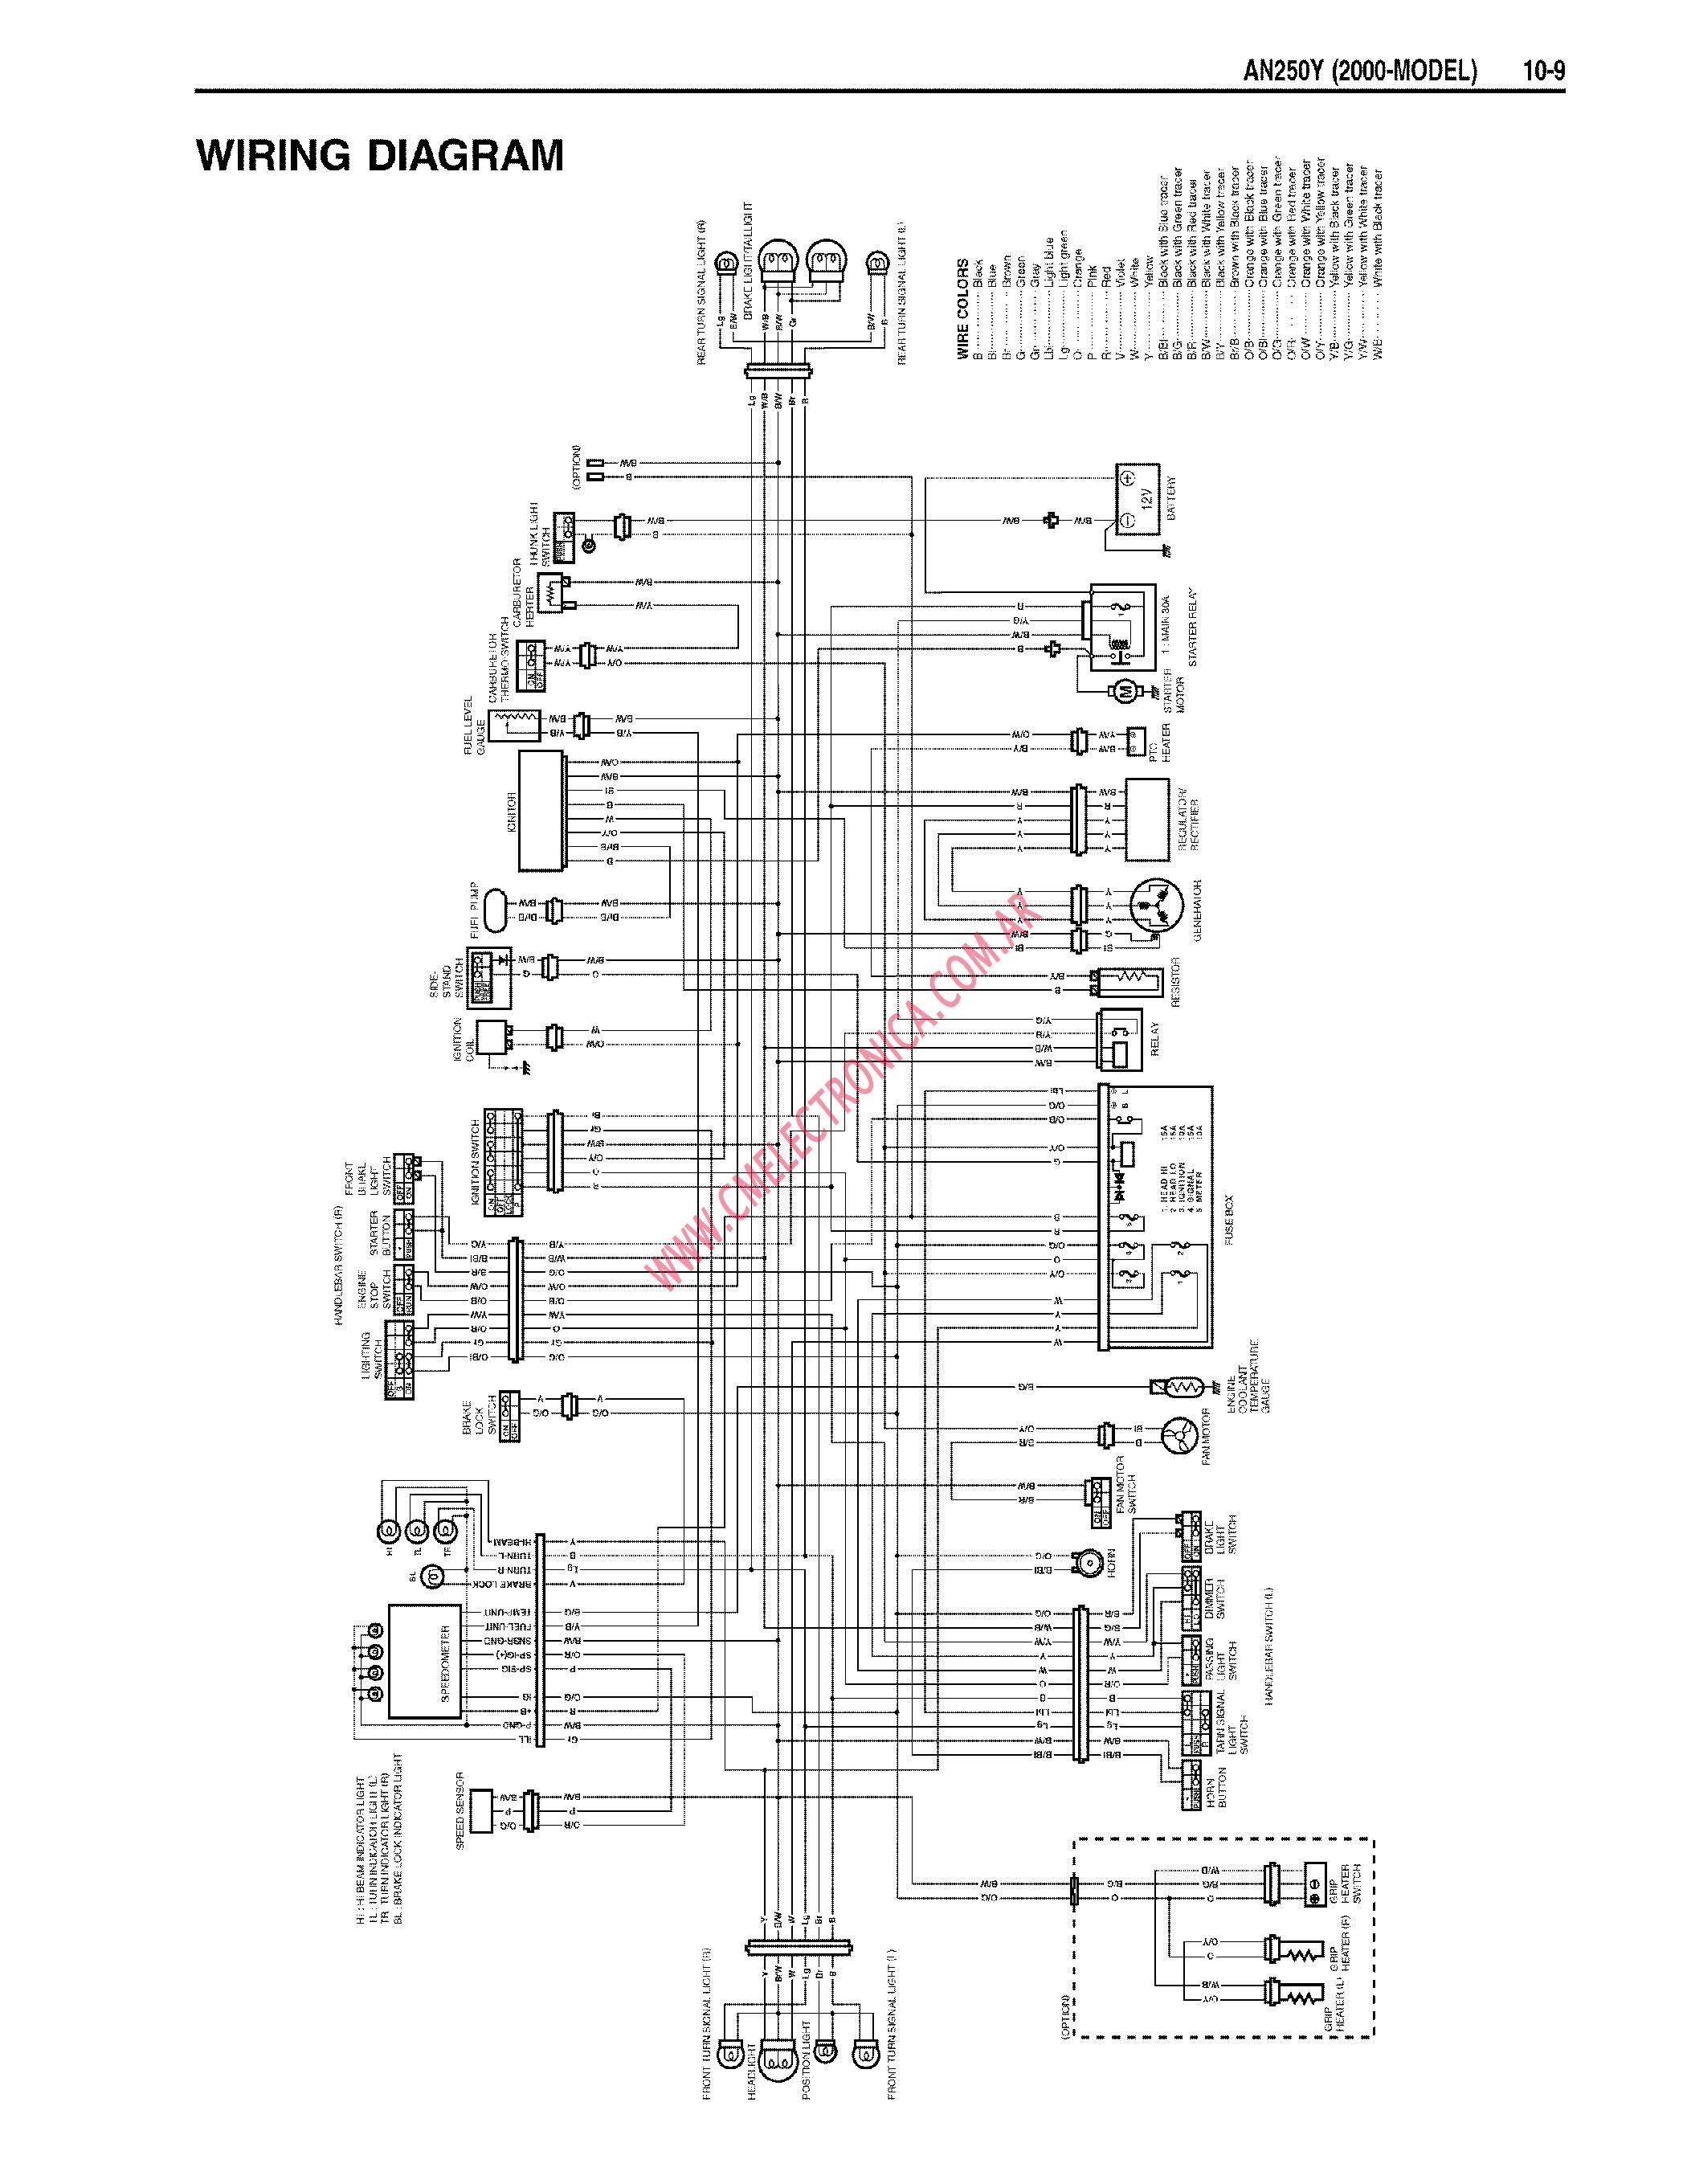 tiger truck wiring diagram schematic wiring diagram third level tiger truck wiring diagram wiring diagrams schema bmw motorcycle wiring diagrams 1998 tiger truck wiring diagram schematic